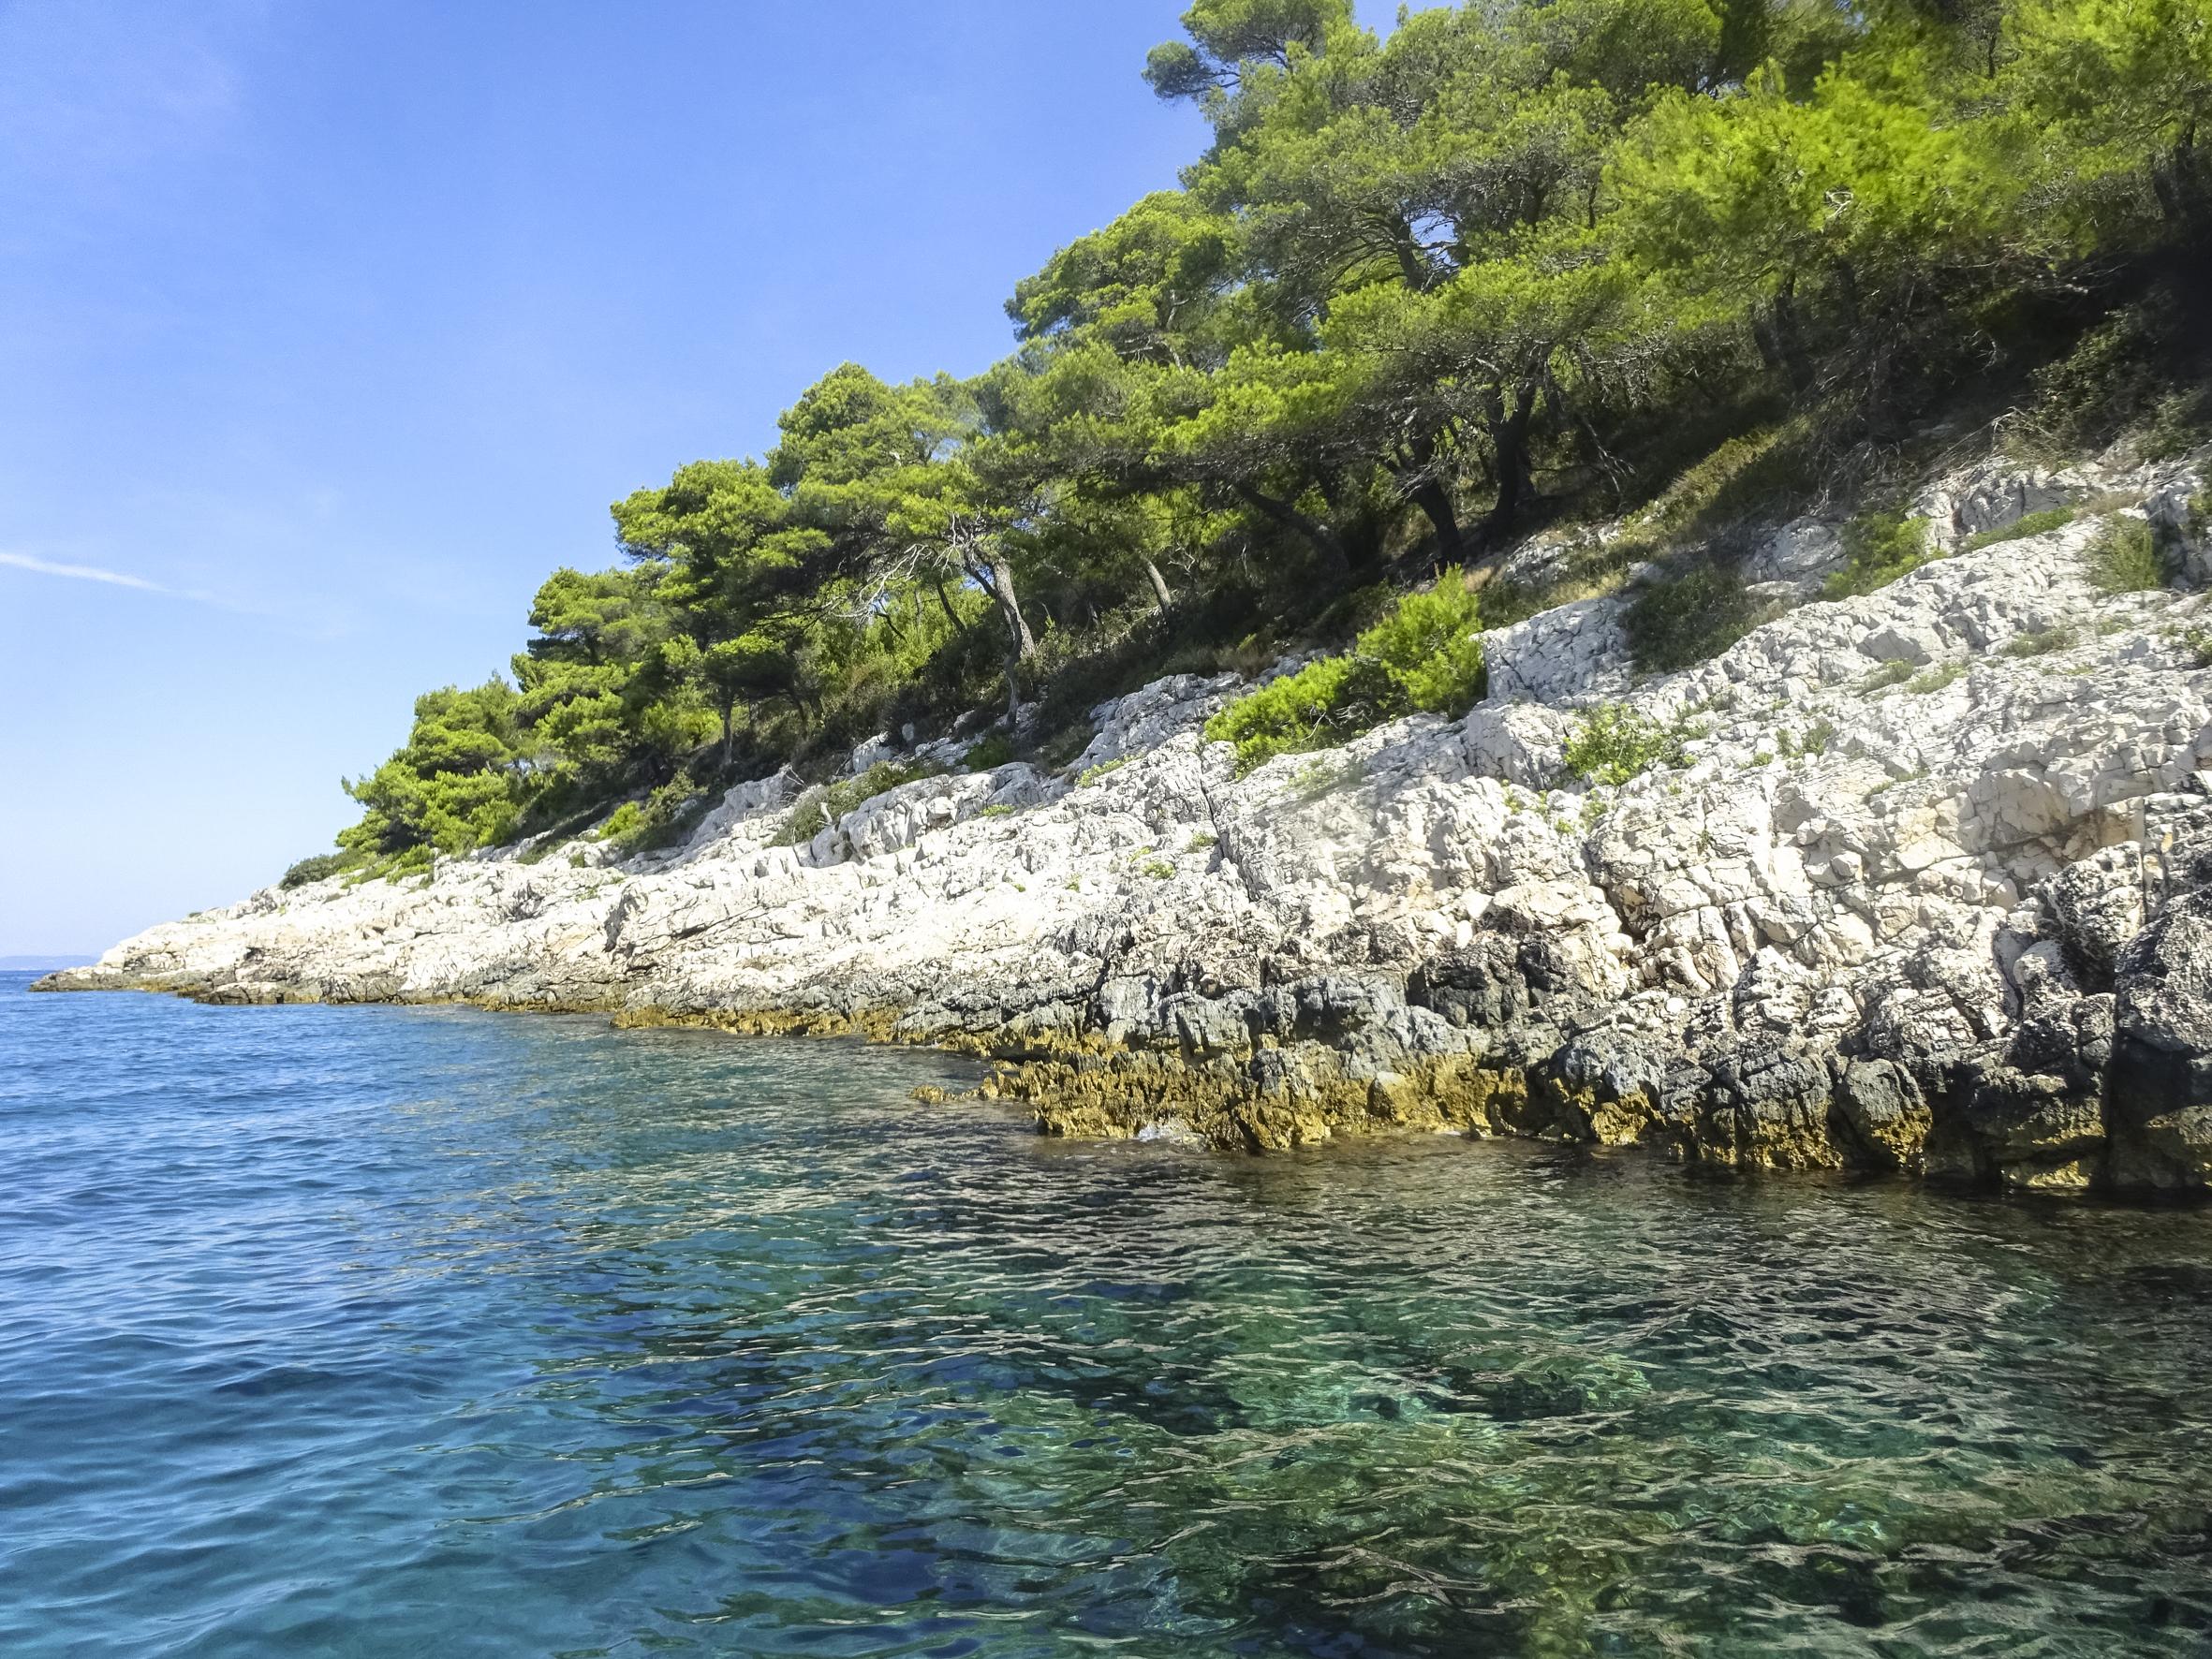 Bucht bei Camp Vira (Insel Hvar)